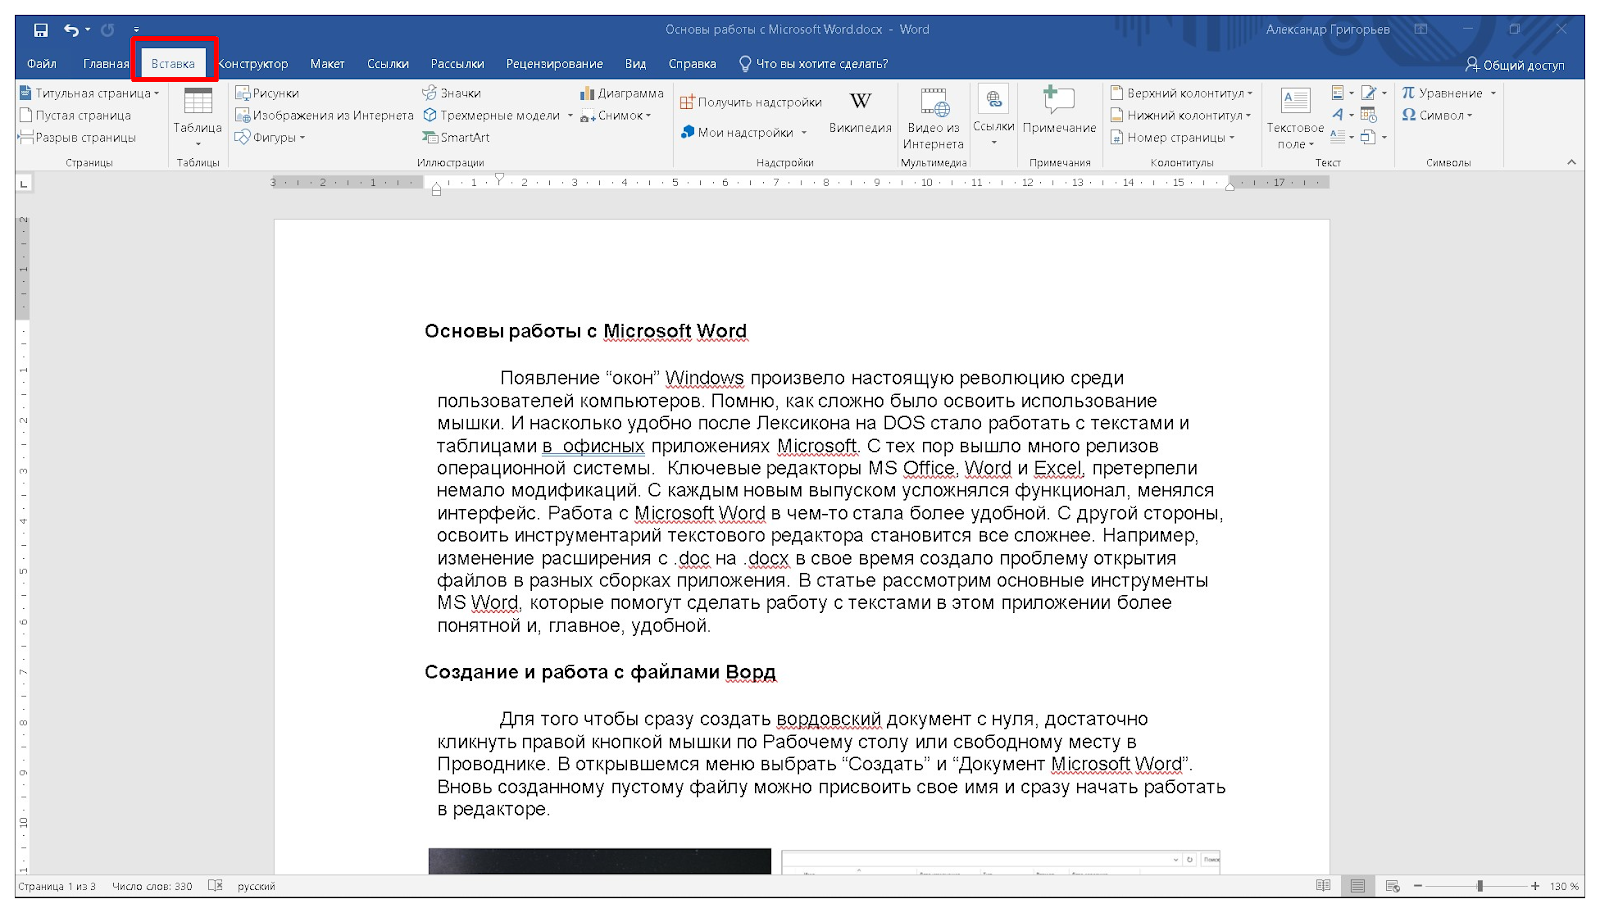 вставляем контент в документ MS Word